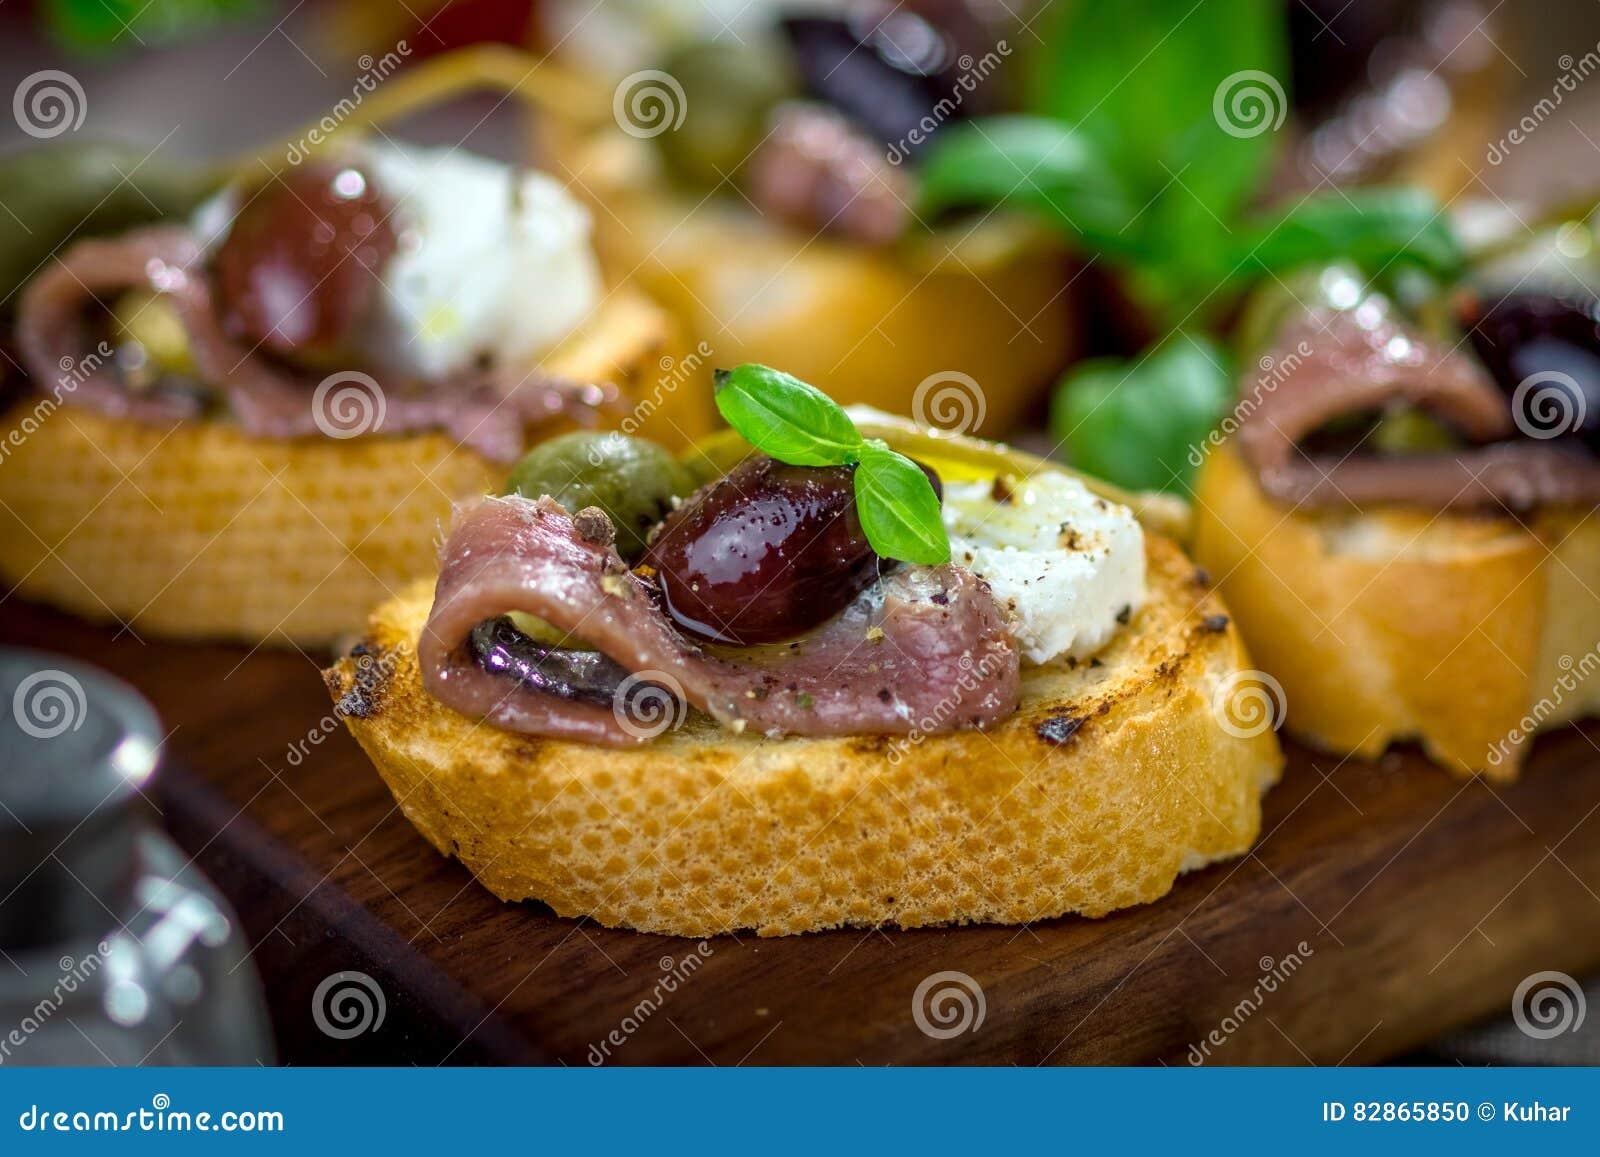 Вкусное bruschetta с камсой, каперсами, оливковым маслом